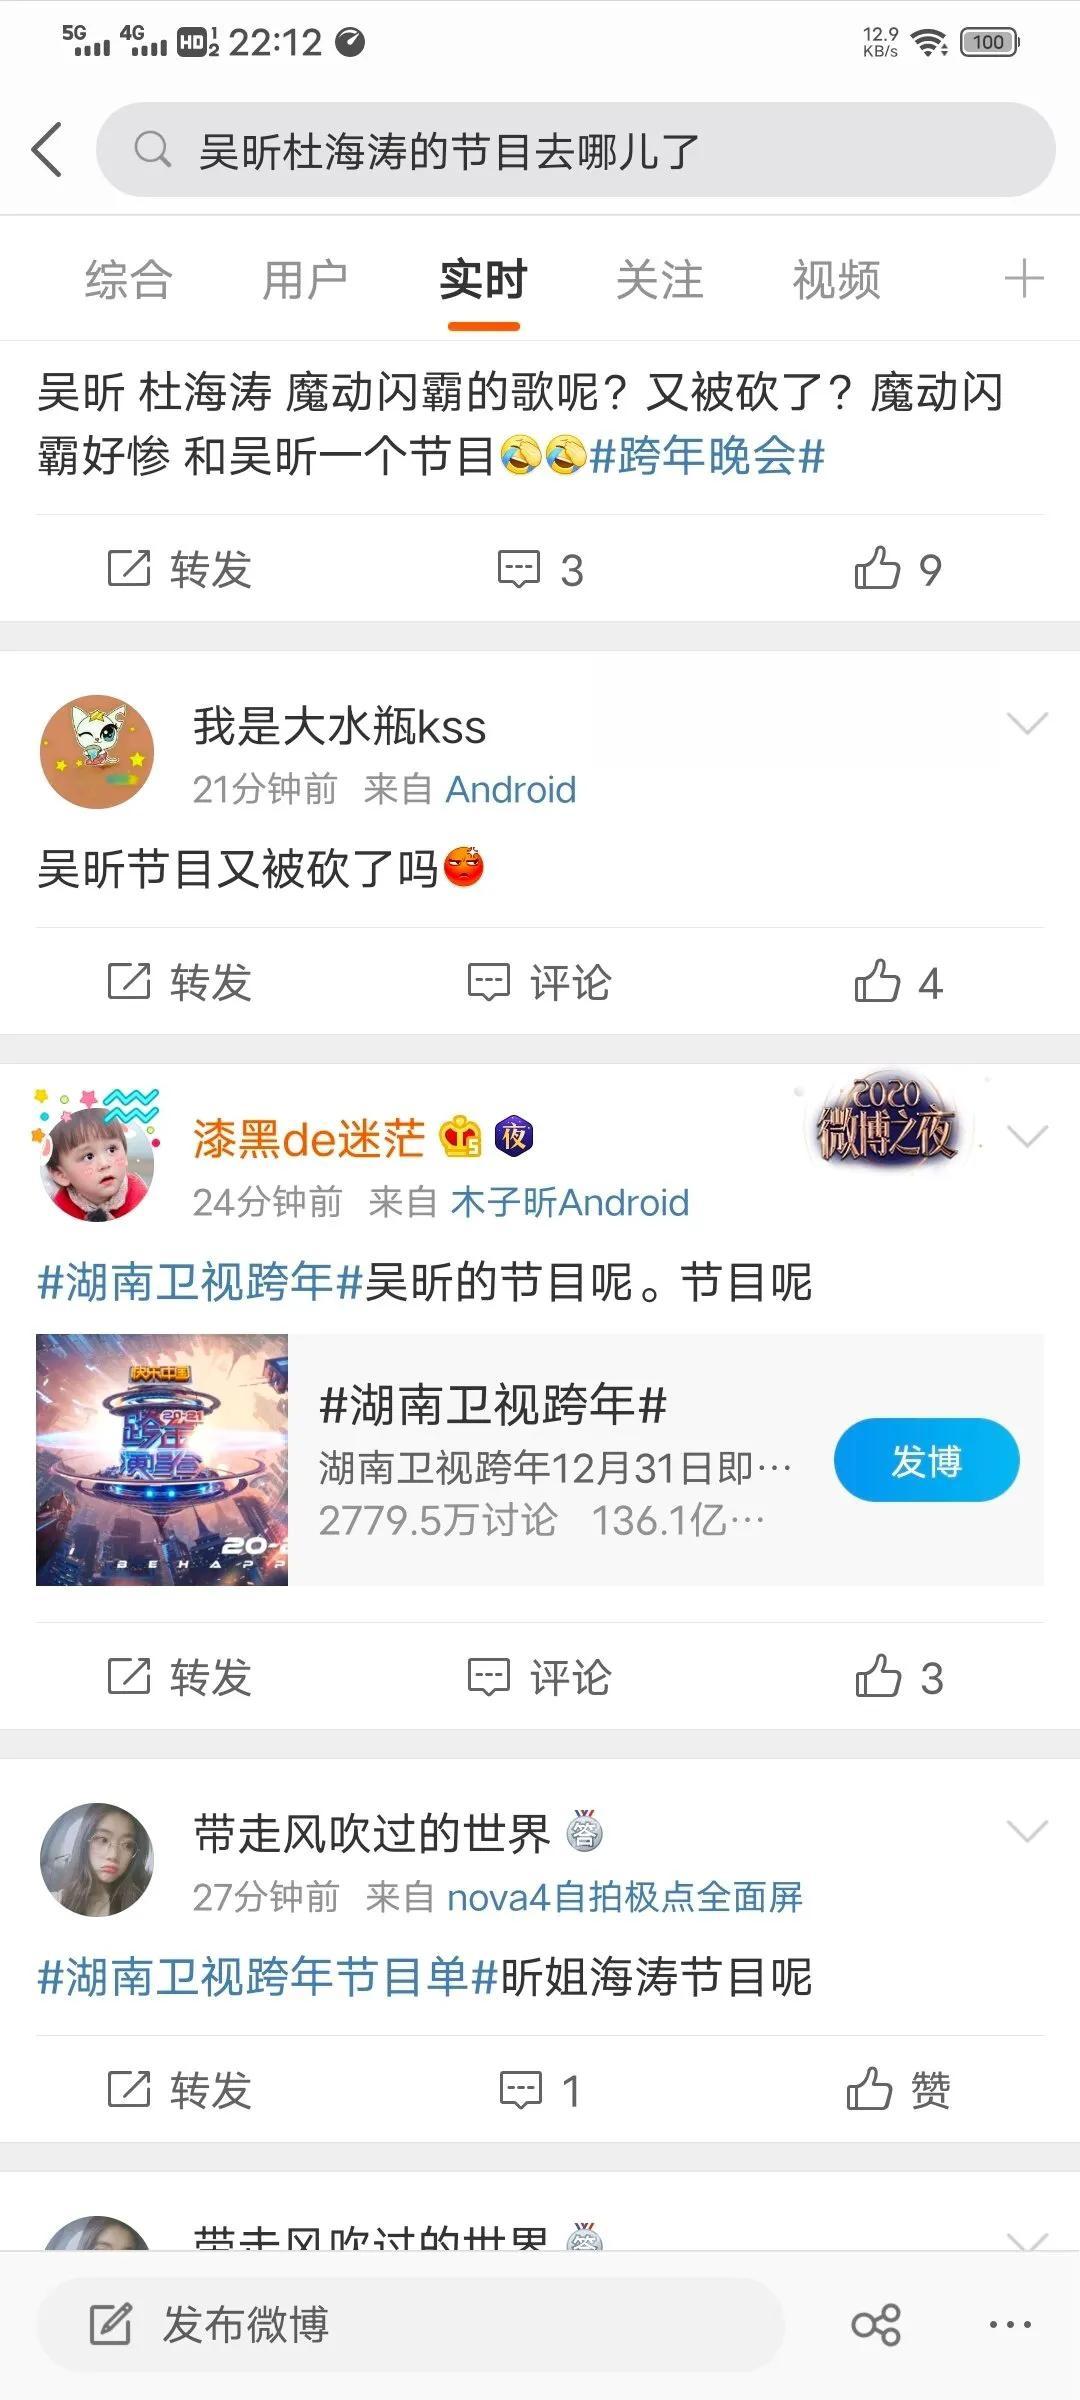 吴昕杜海涛的节目是又被砍了吗?砍吴昕节目快成马桶台传了 